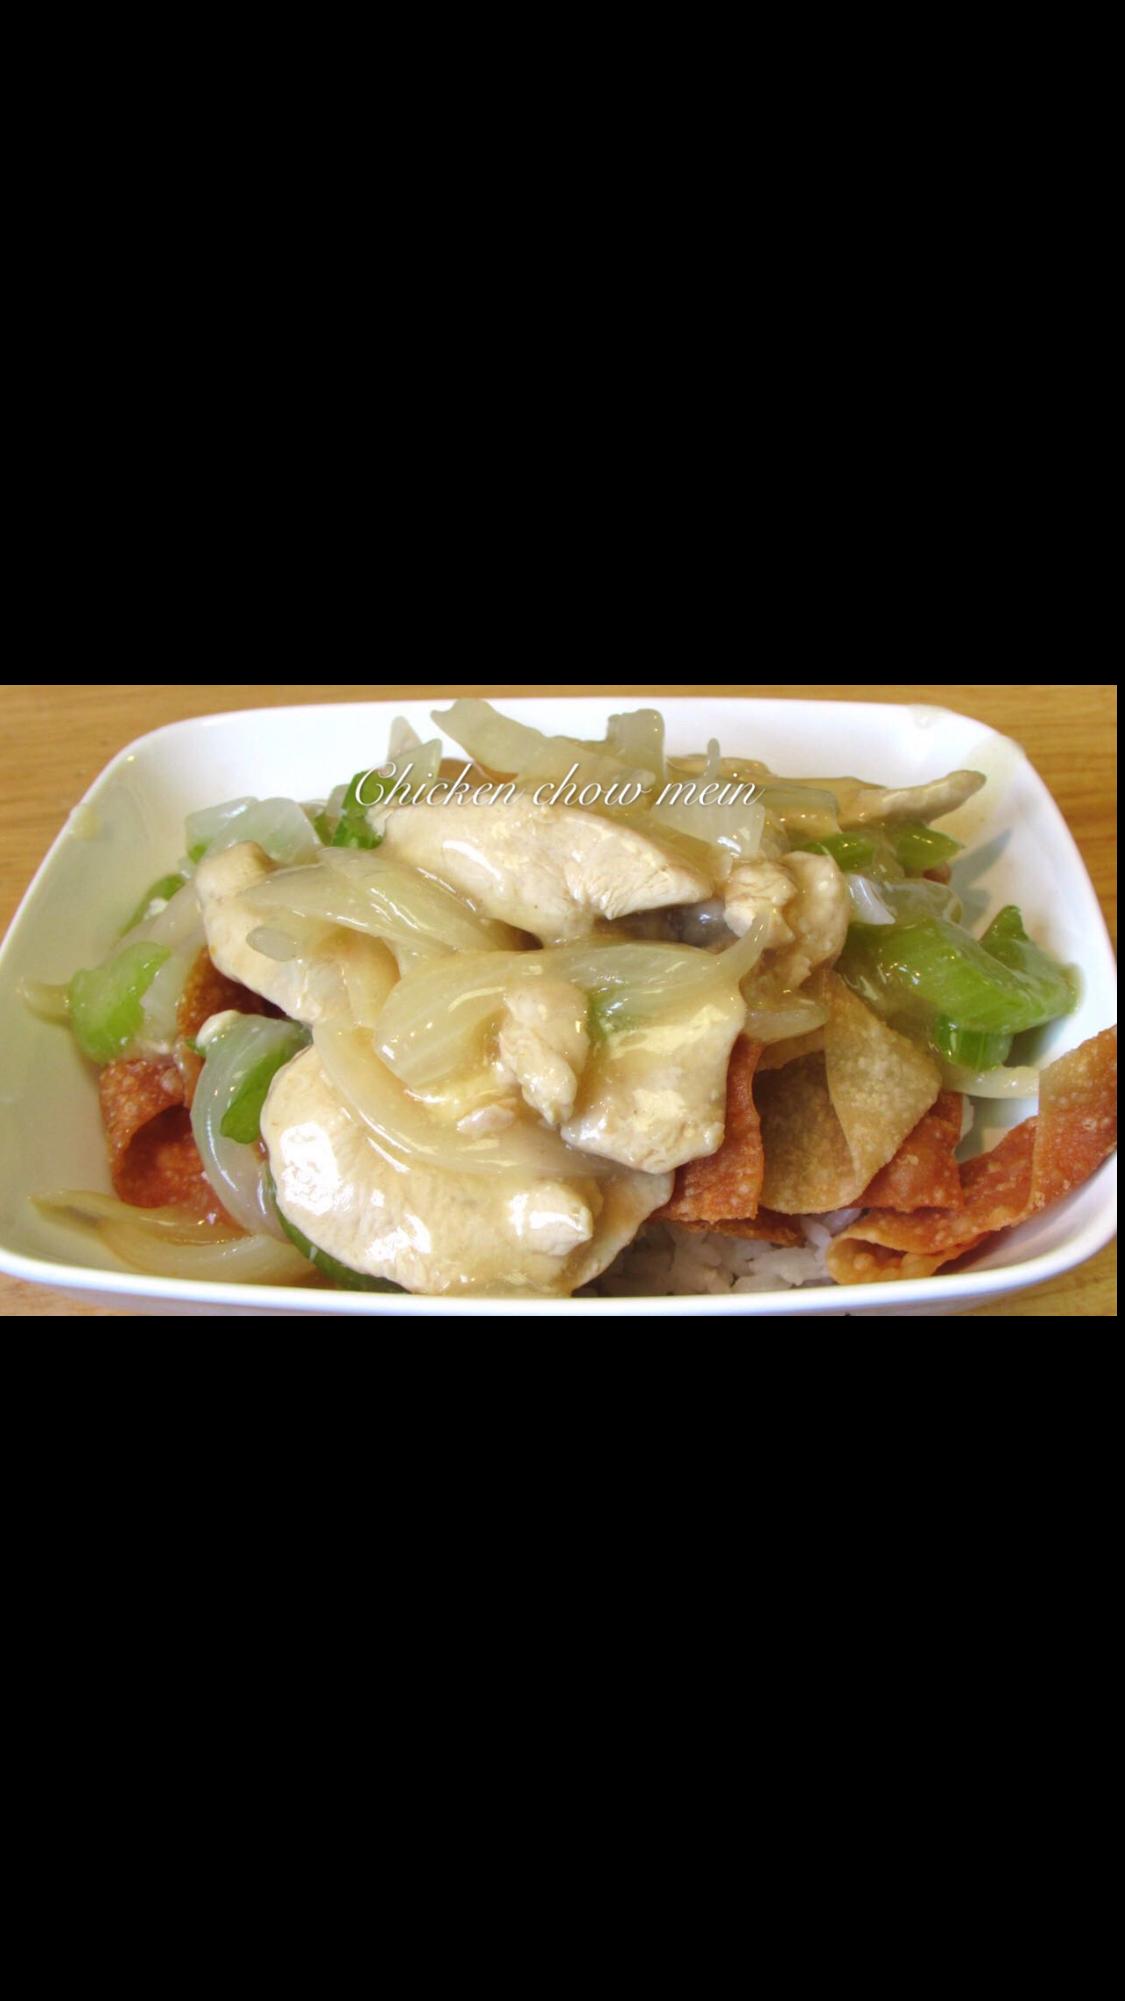 40. Chicken Chow Mein